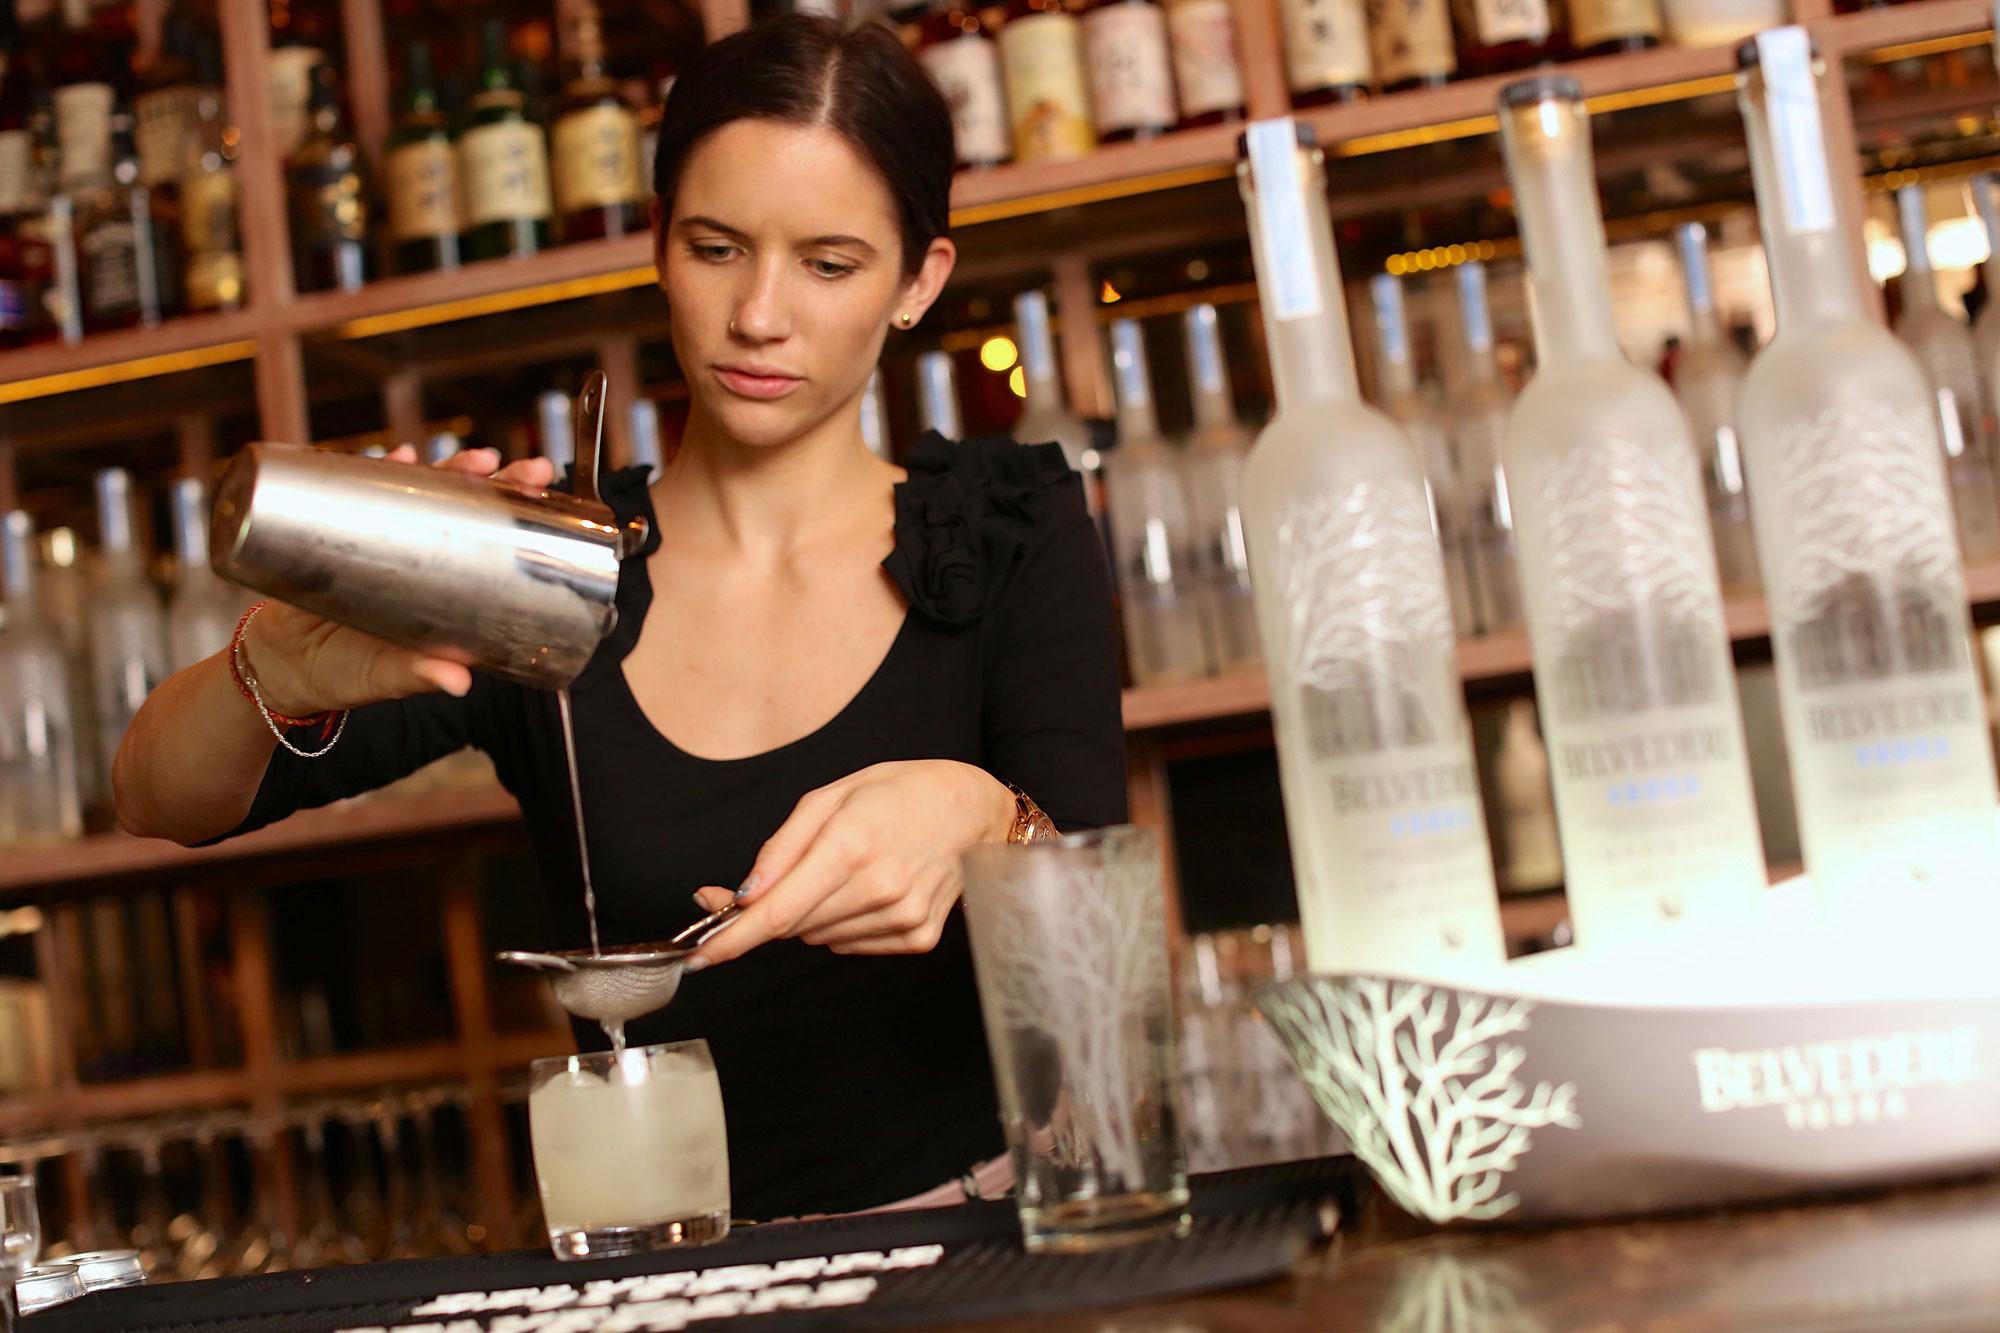 Interview Allison Dedianko For Belvedere Vodka